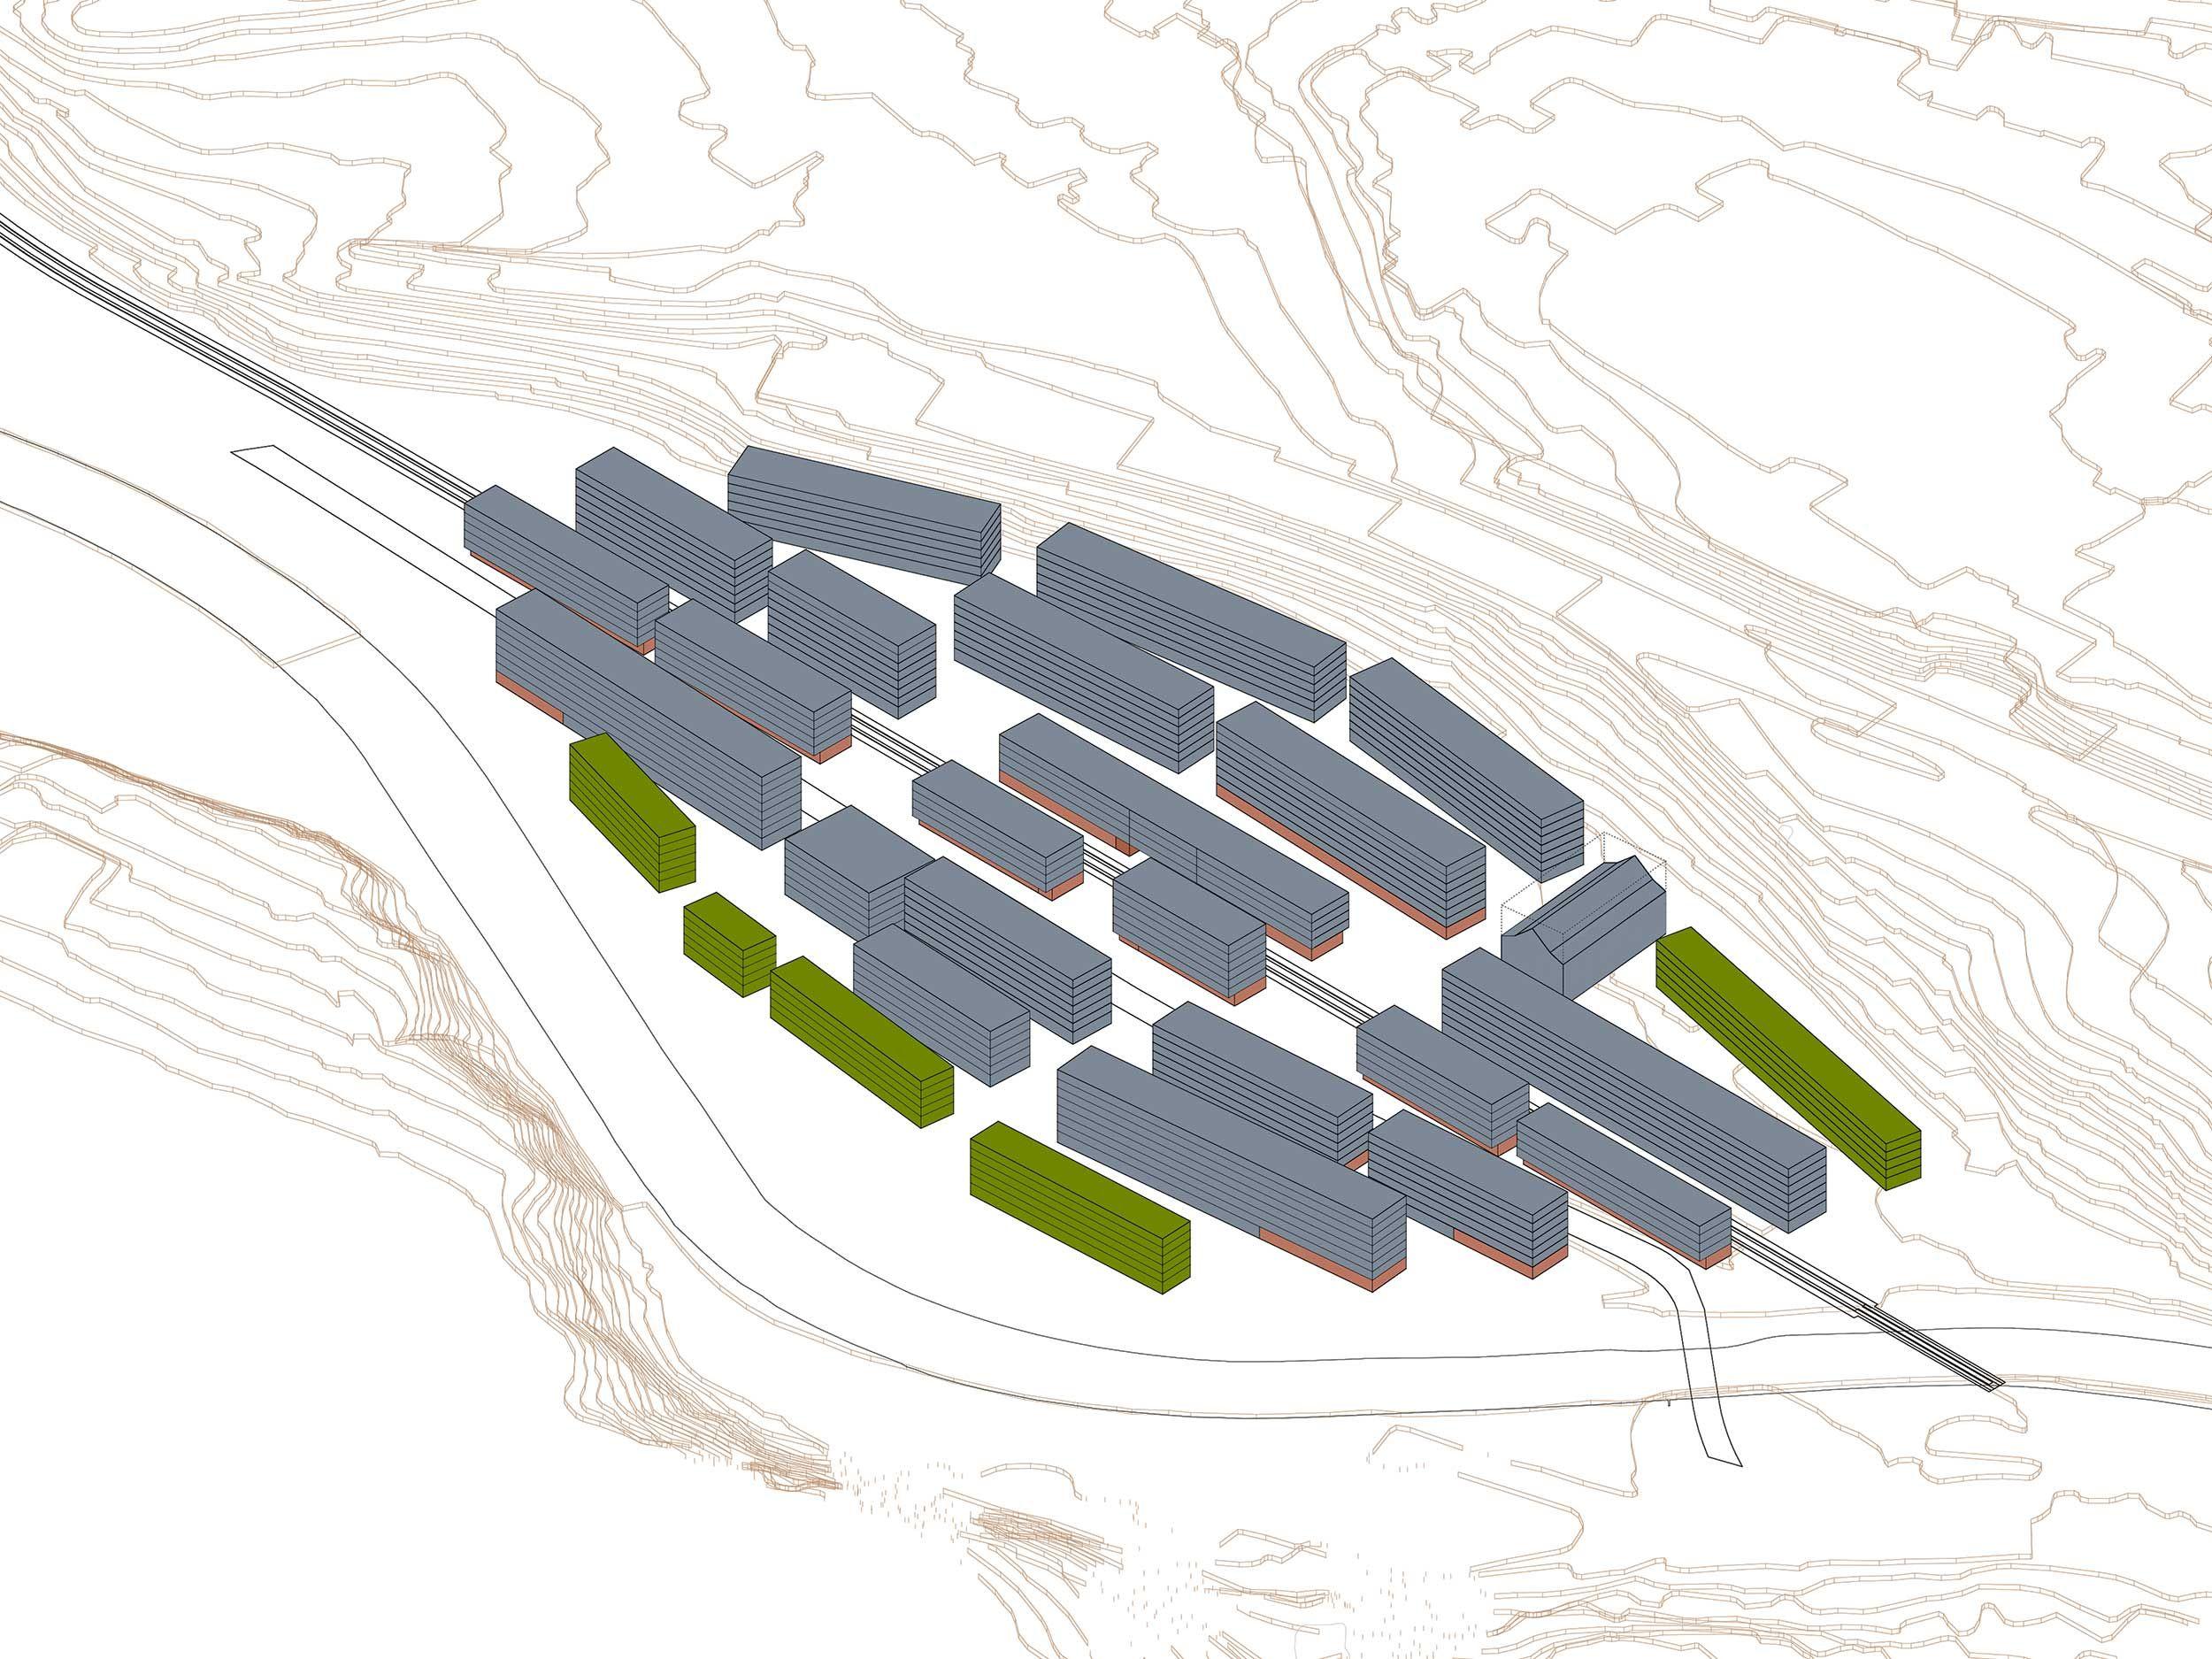 Städtebauliche Entwicklungstudie Manegg